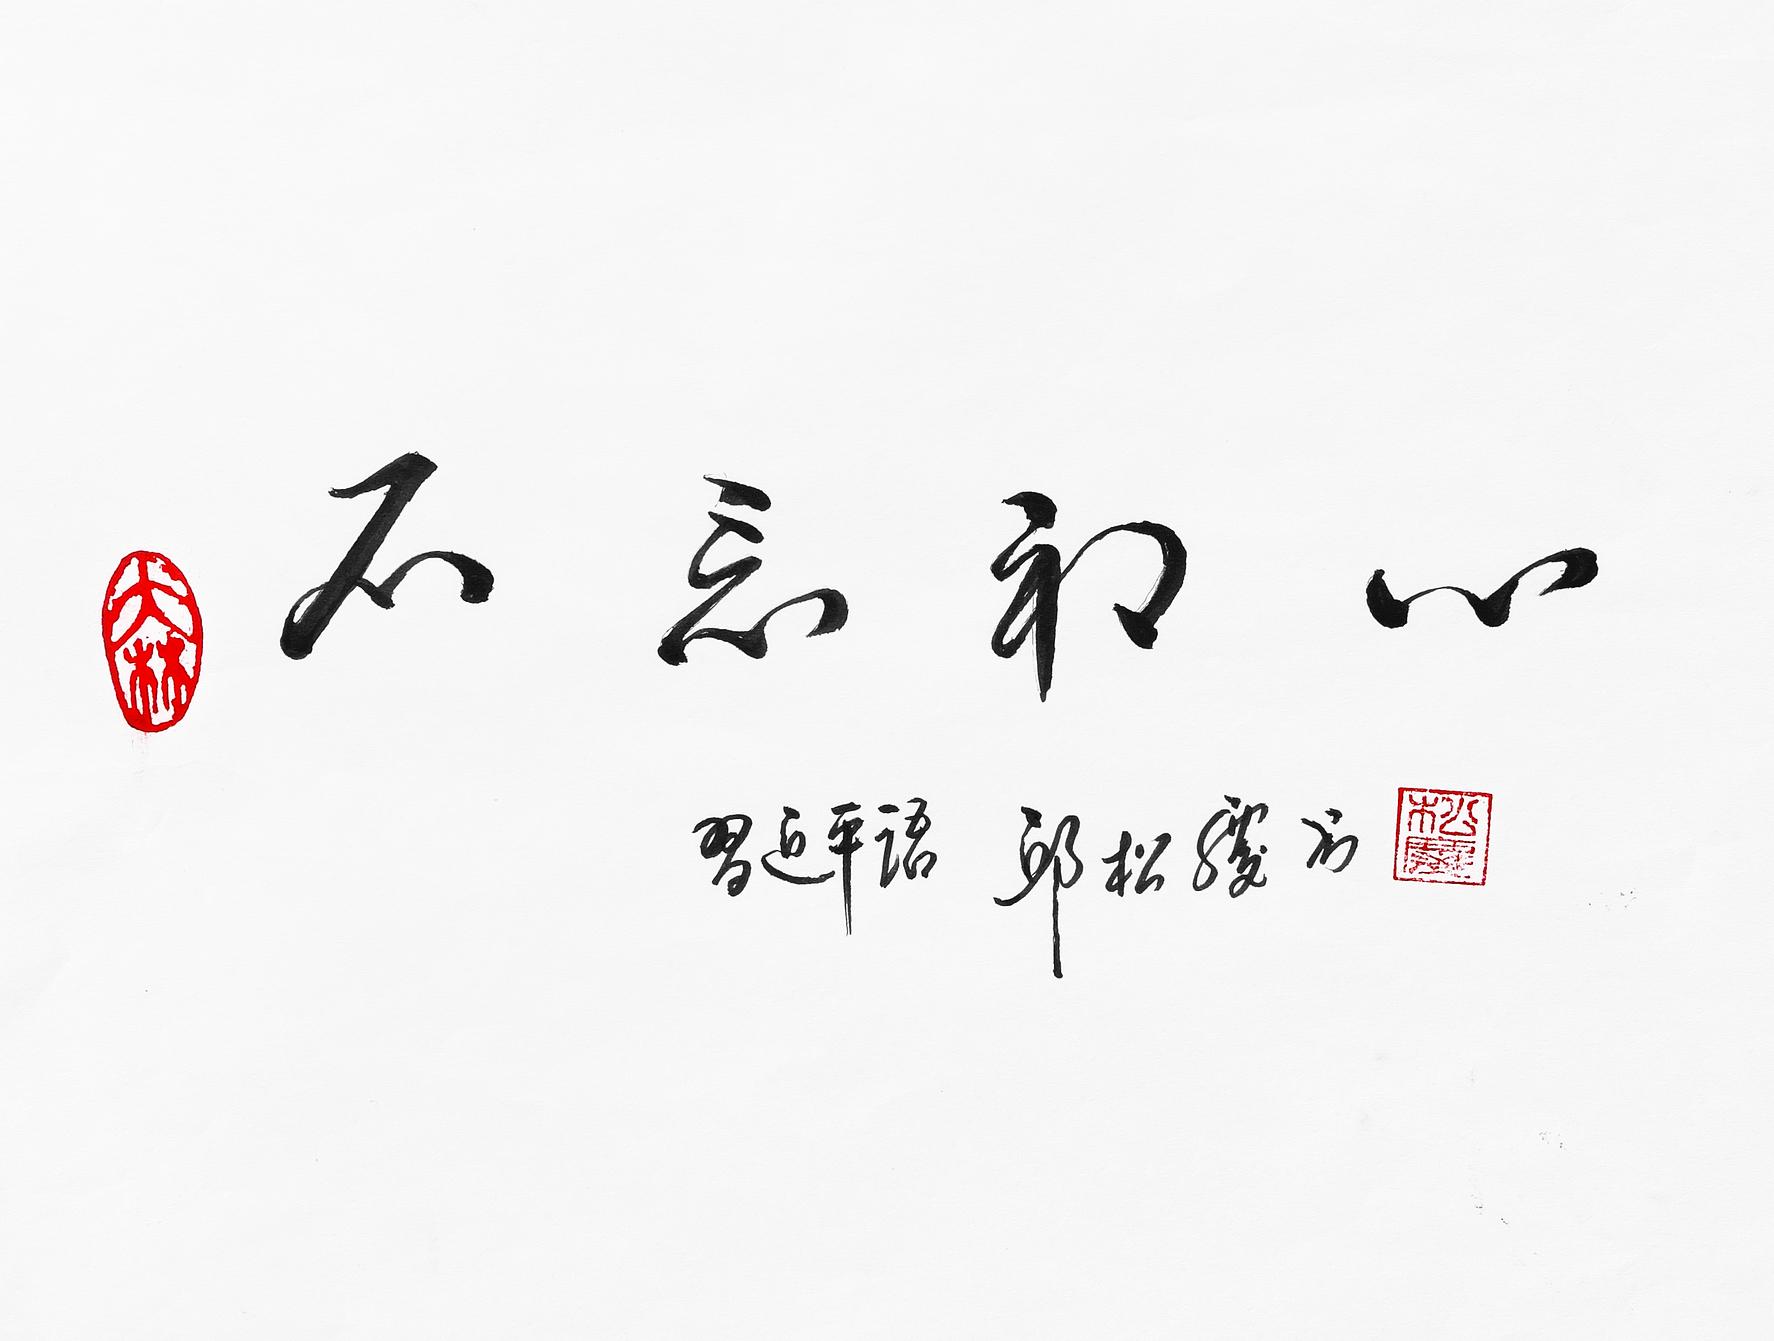 《不忘初心(习近平语)》29.7x21cm 行书 纸本墨笔 2018年